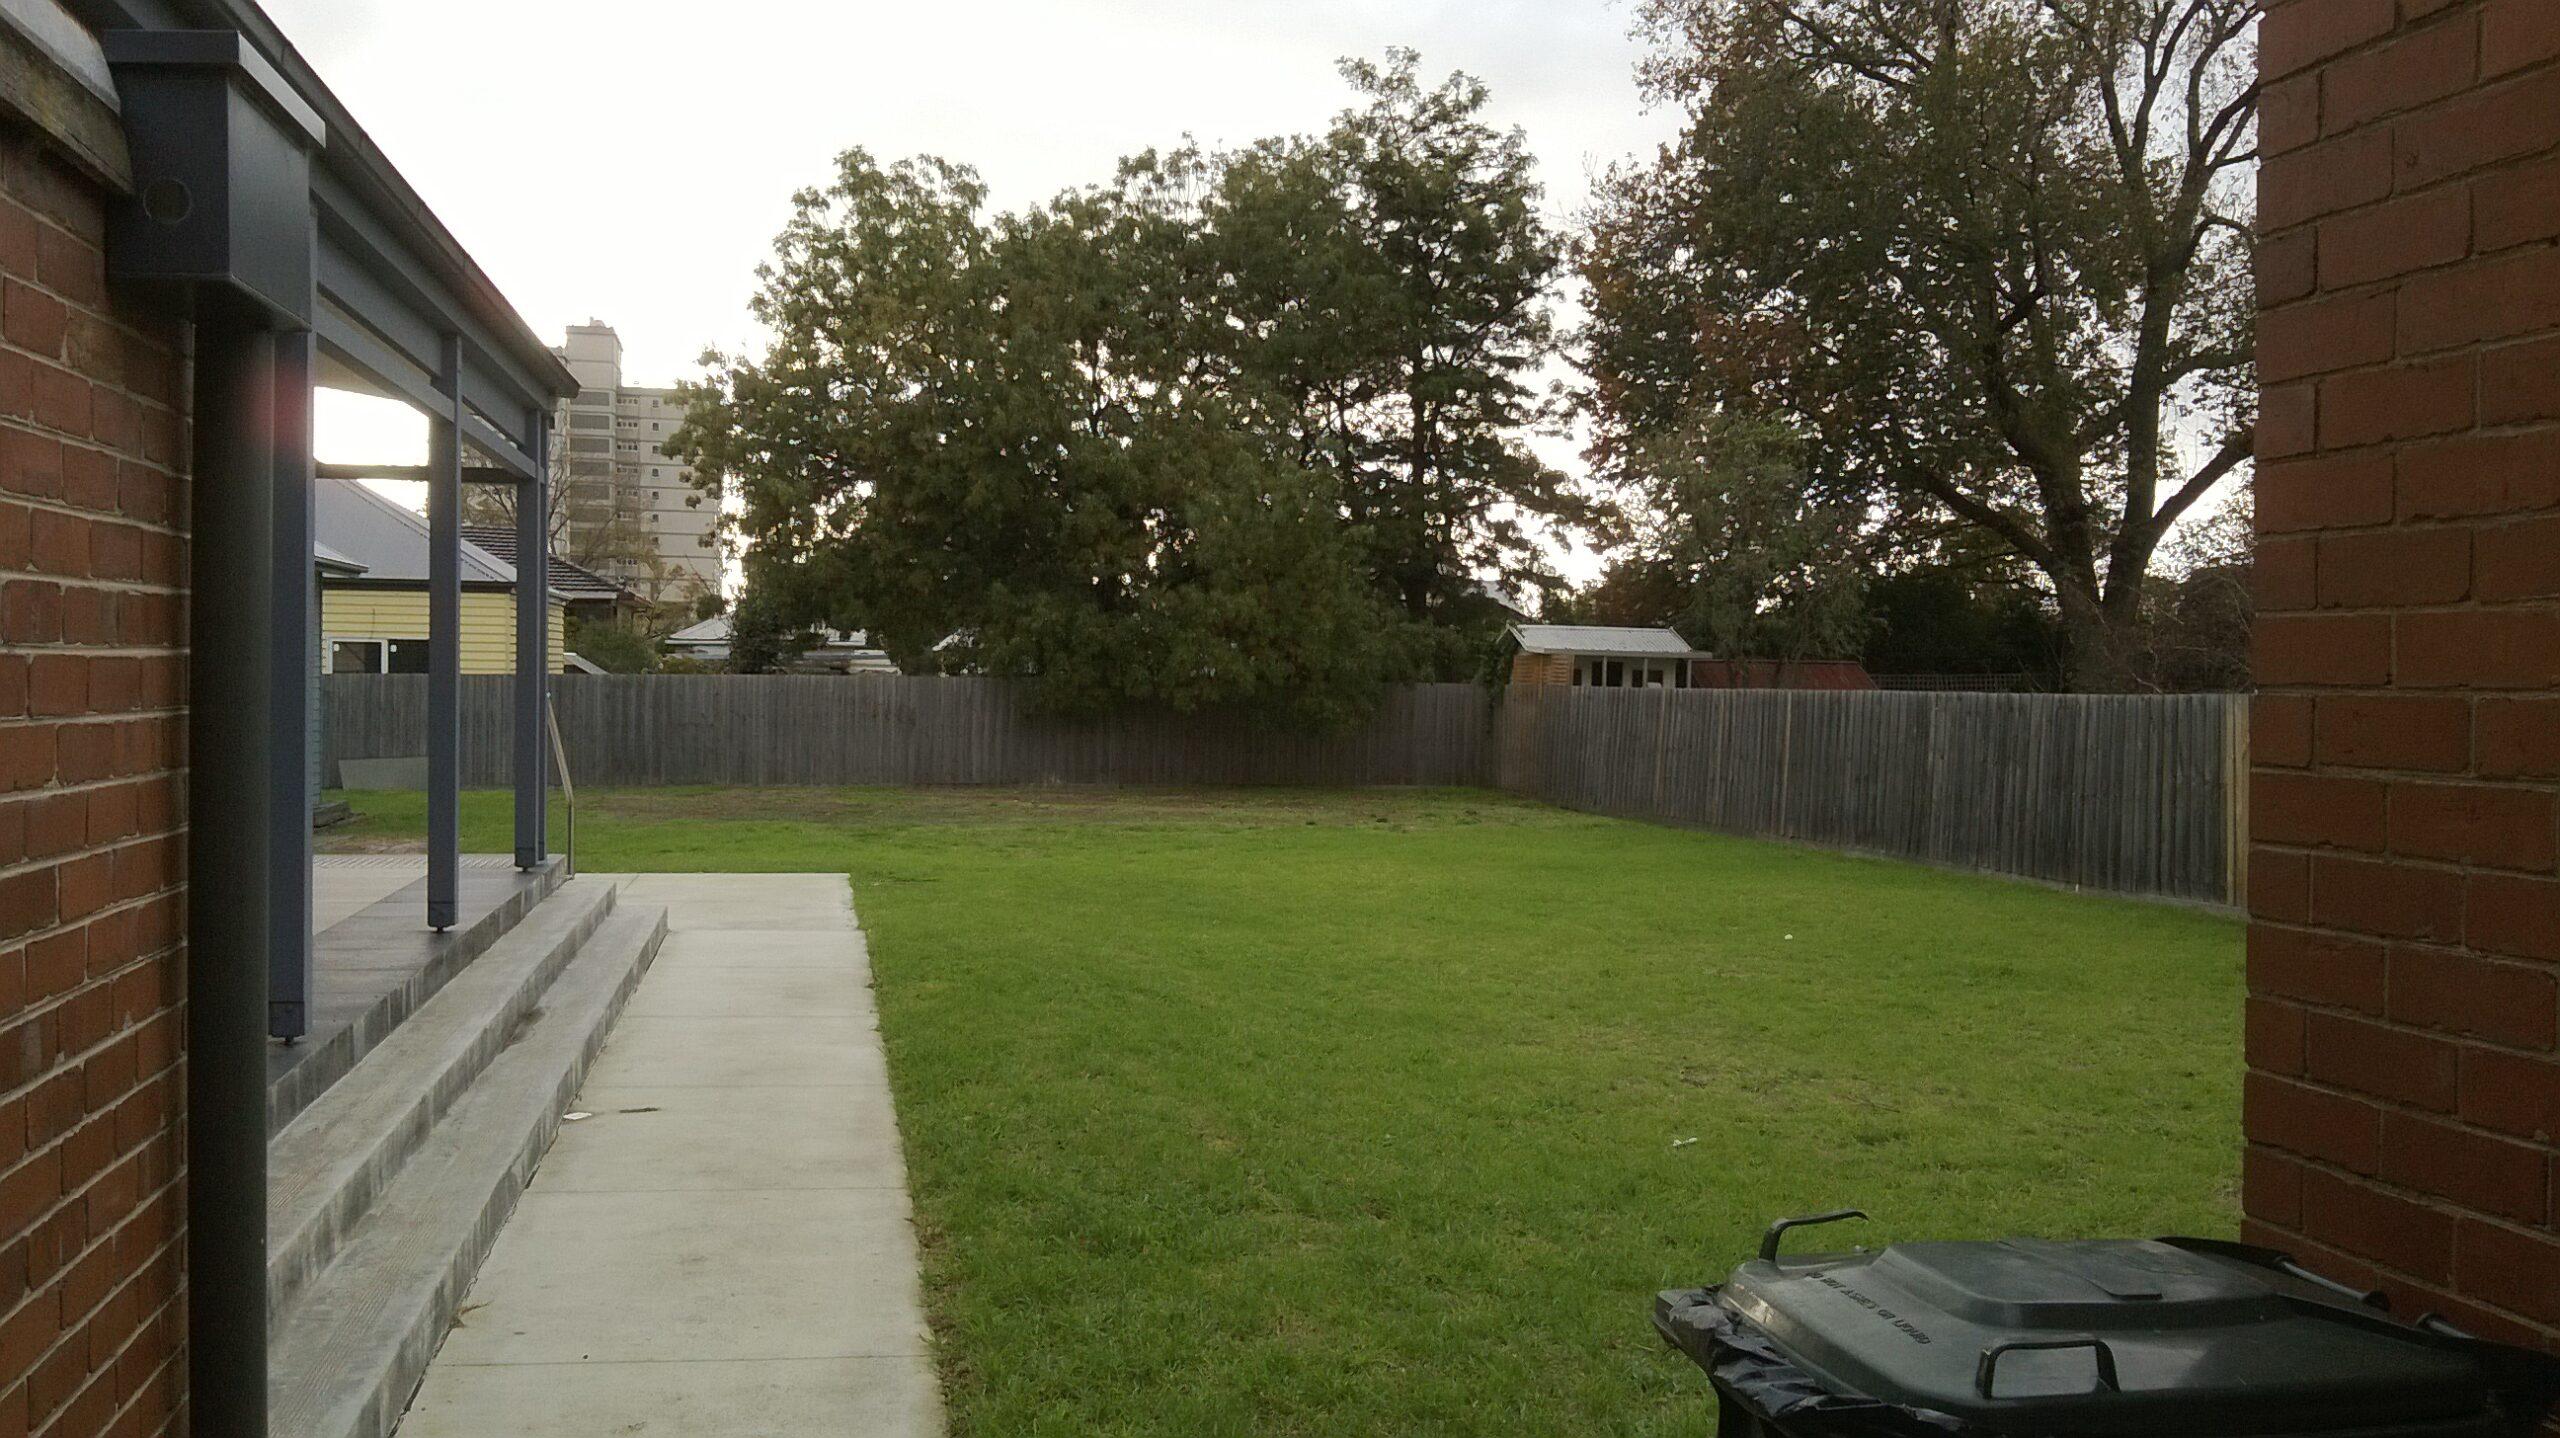 The verandah and lawn garden